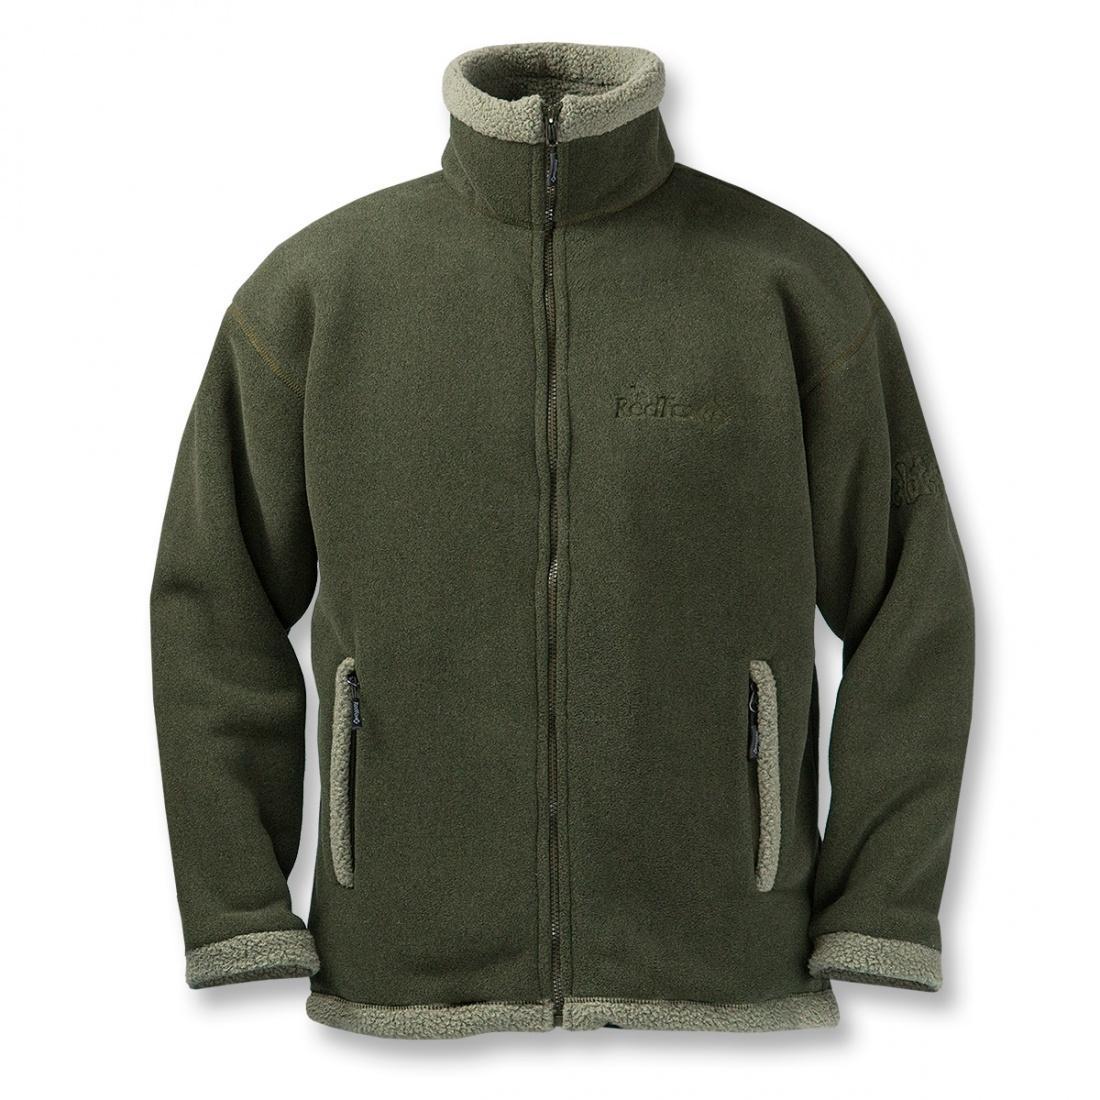 Куртка Cliff МужскаяКуртки<br><br> Модель курток Сliff признана одной из самых популярных в коллекции Red Fox среди изделий из материалов Polartec®.<br><br><br> <br><br><br><br><br>Материал – Polartec® 300, 100% Polyester Knit, 376 g/sqm.<br>Посадка – Regula...<br><br>Цвет: Хаки<br>Размер: 56